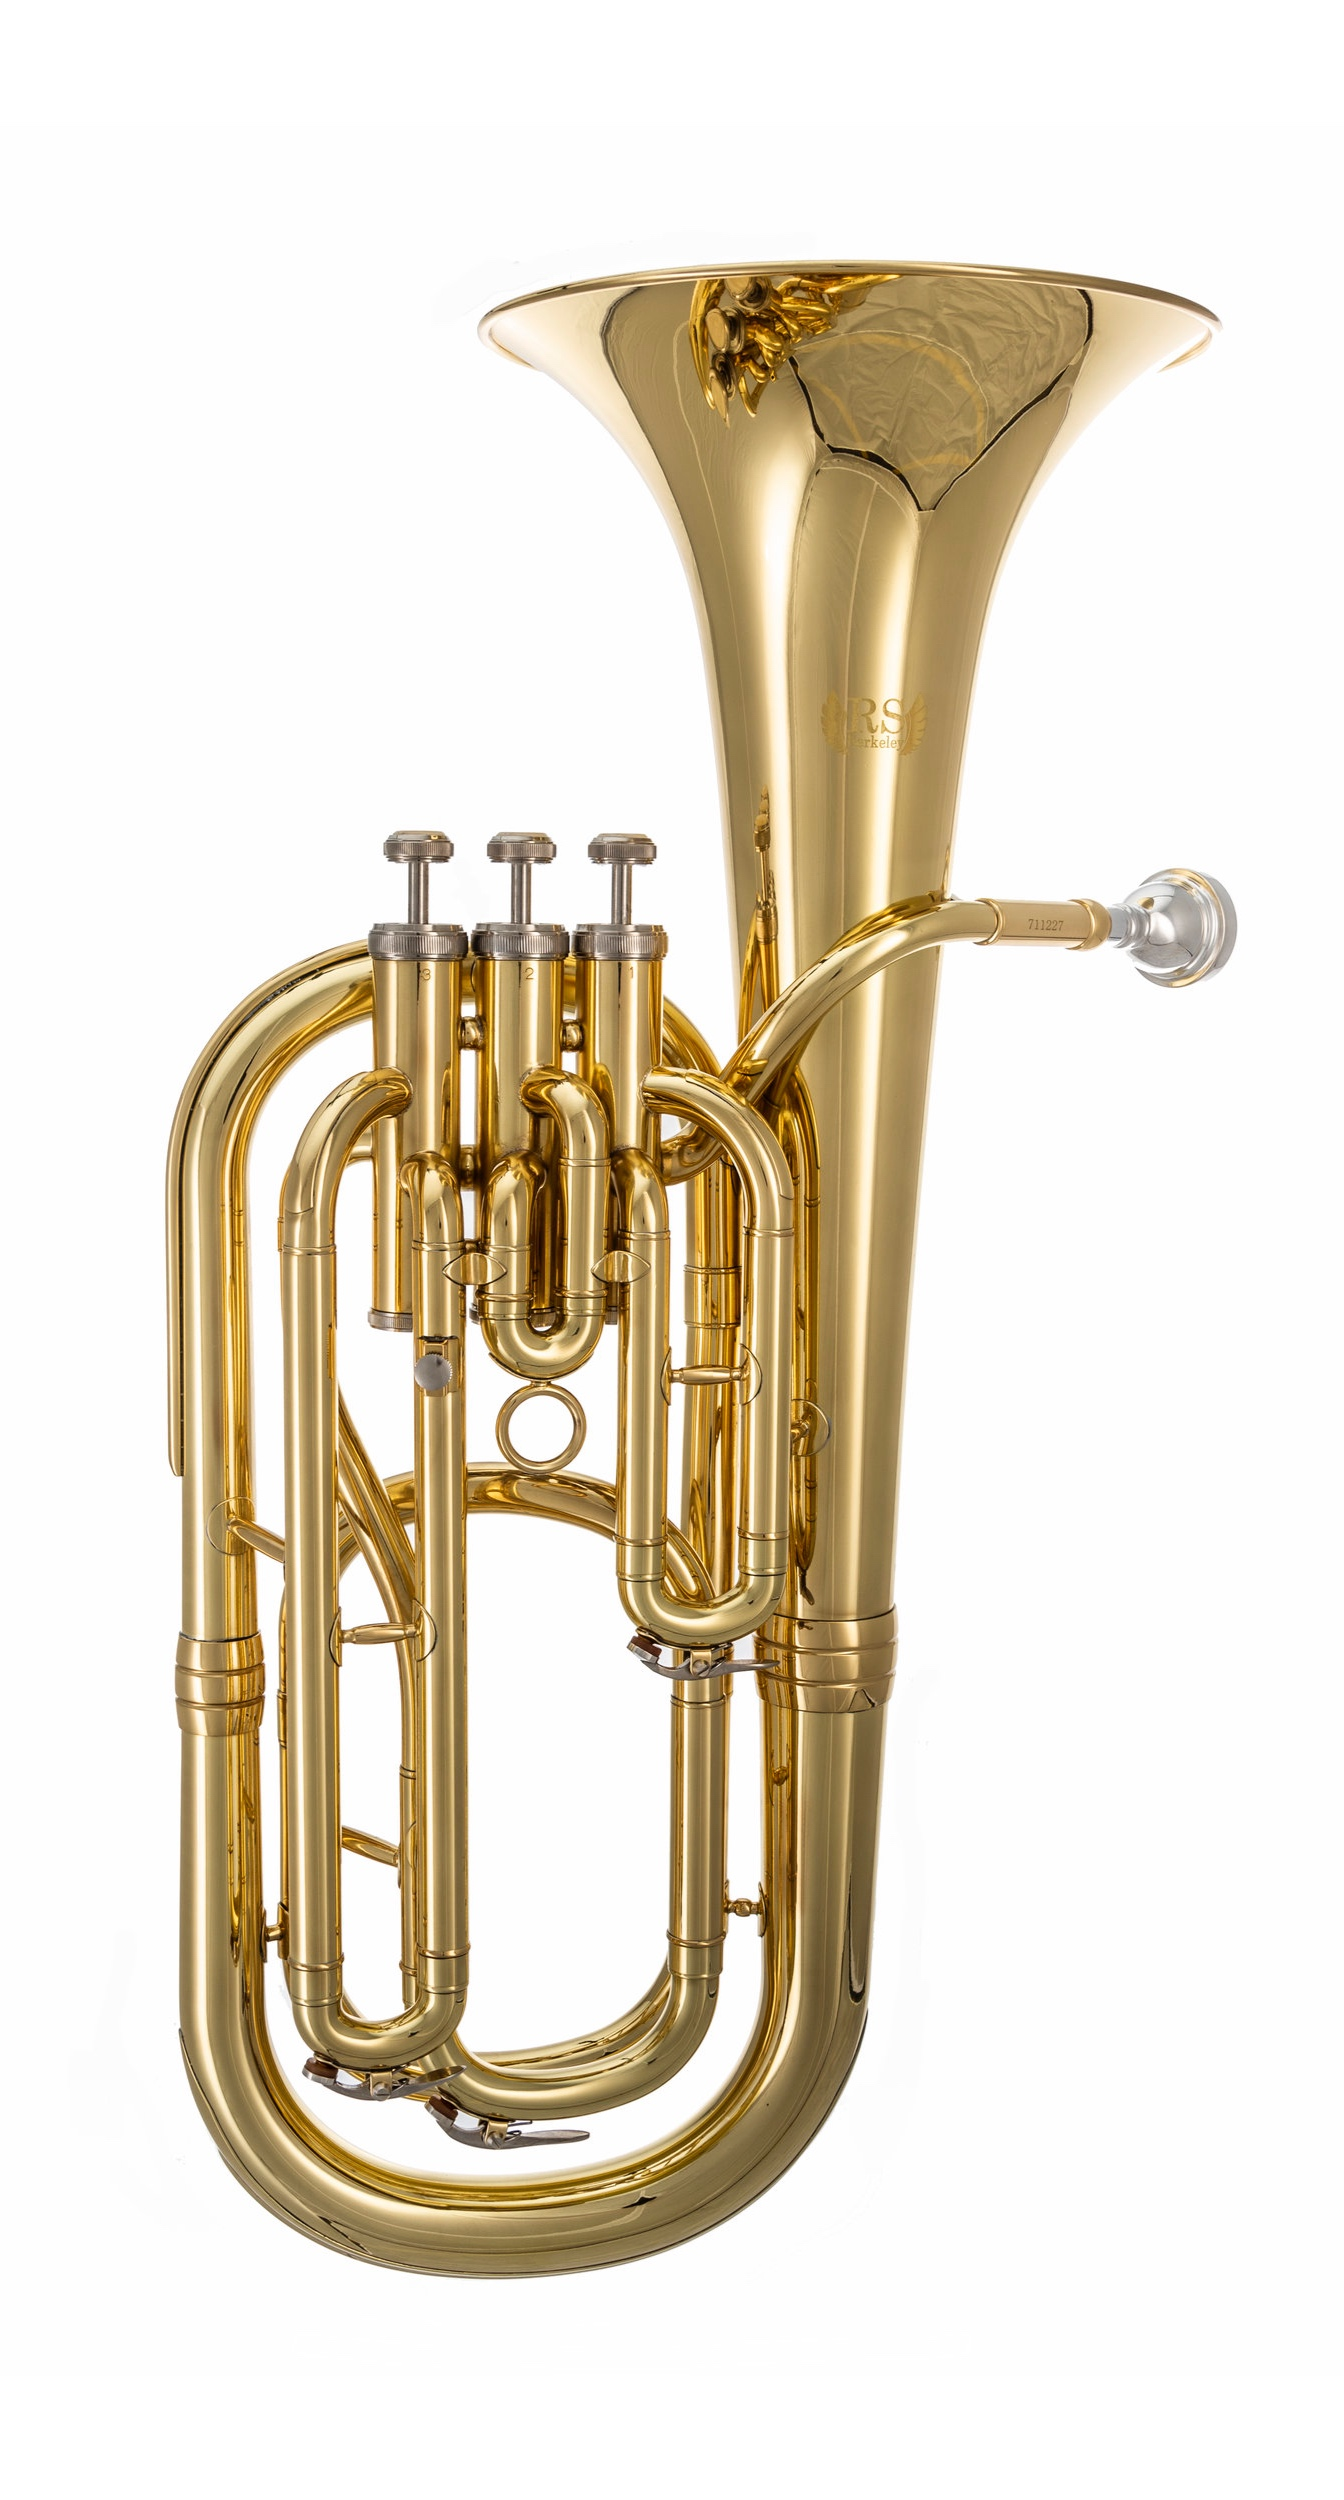 Baritone+Horn+BAR+901+003.jpg